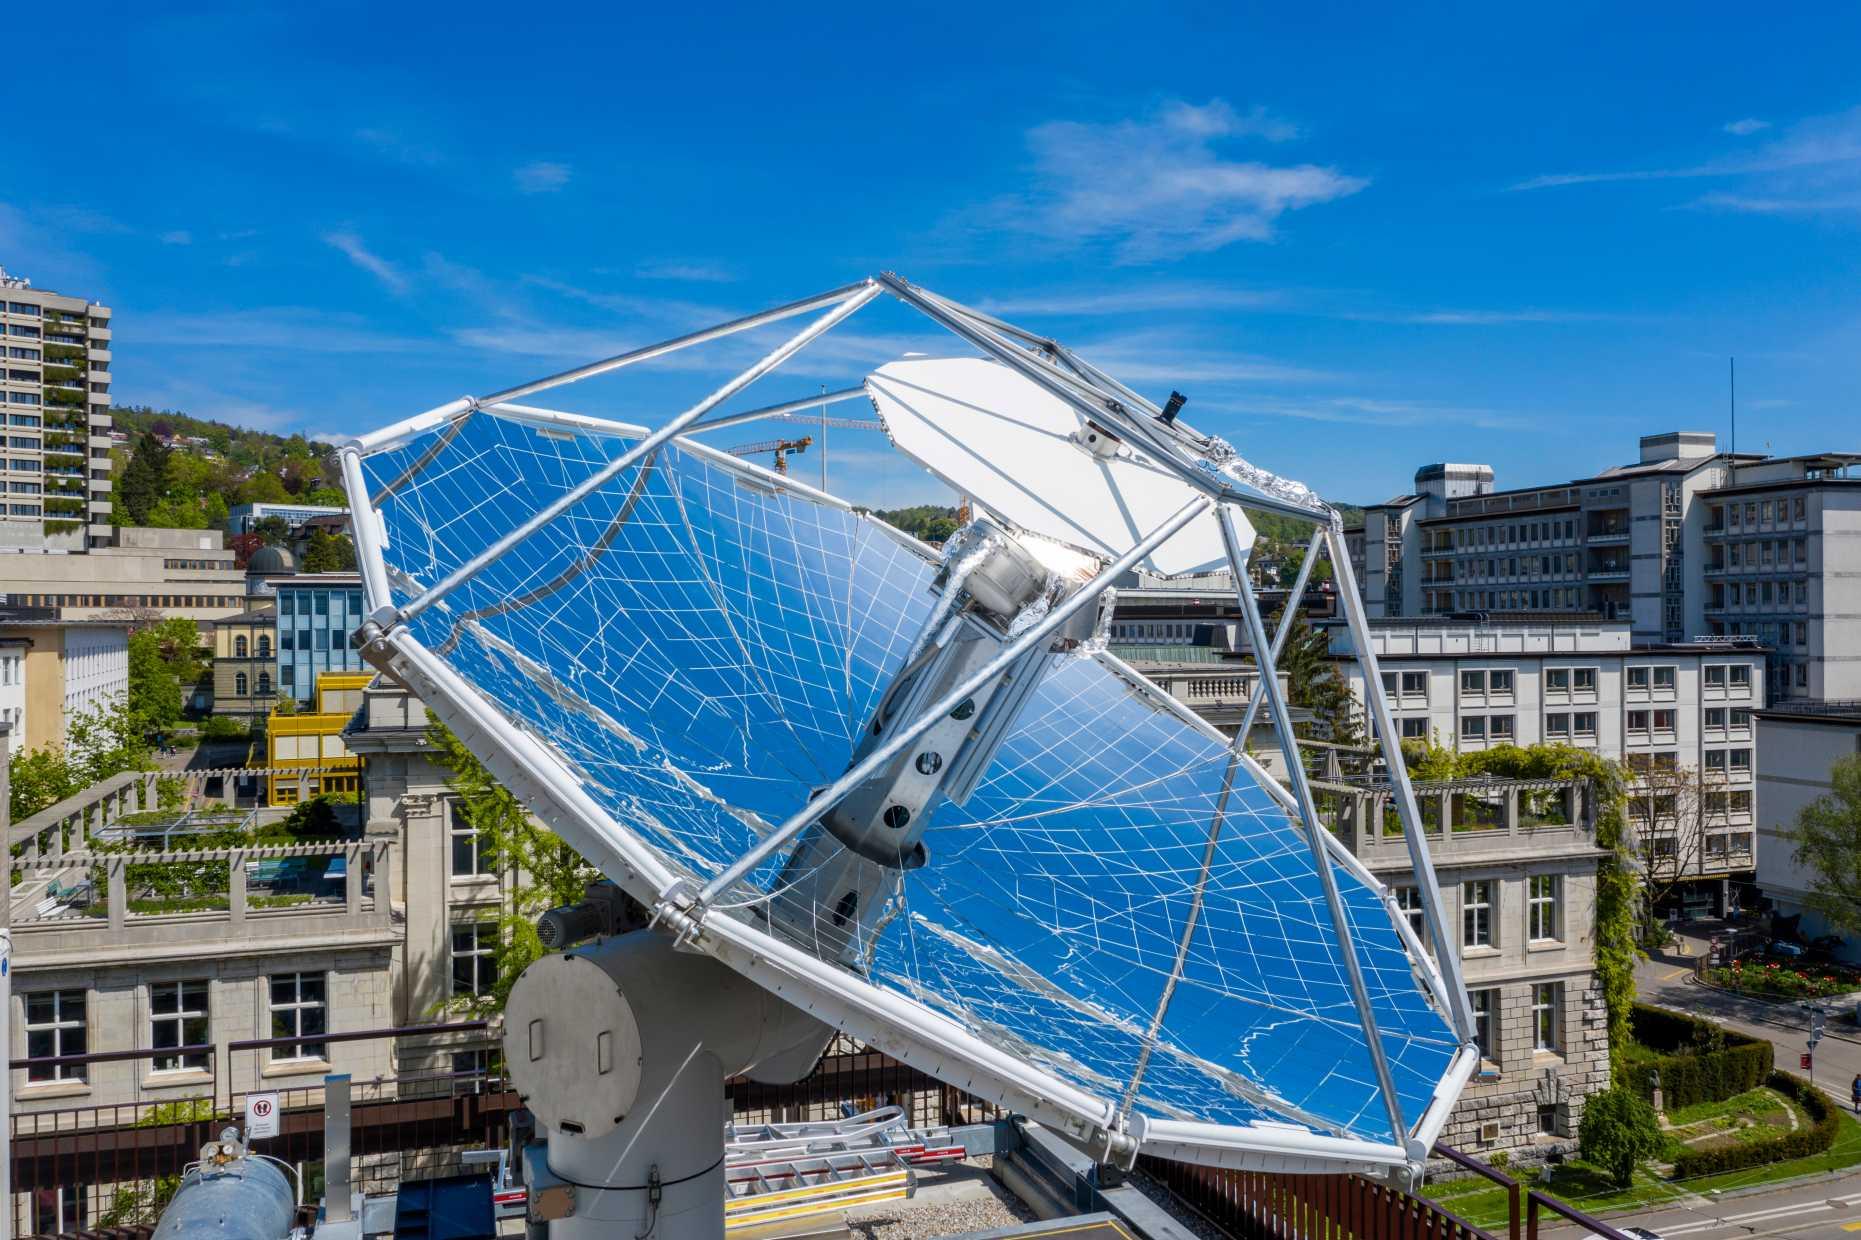 Solare Mini-Raffinerie